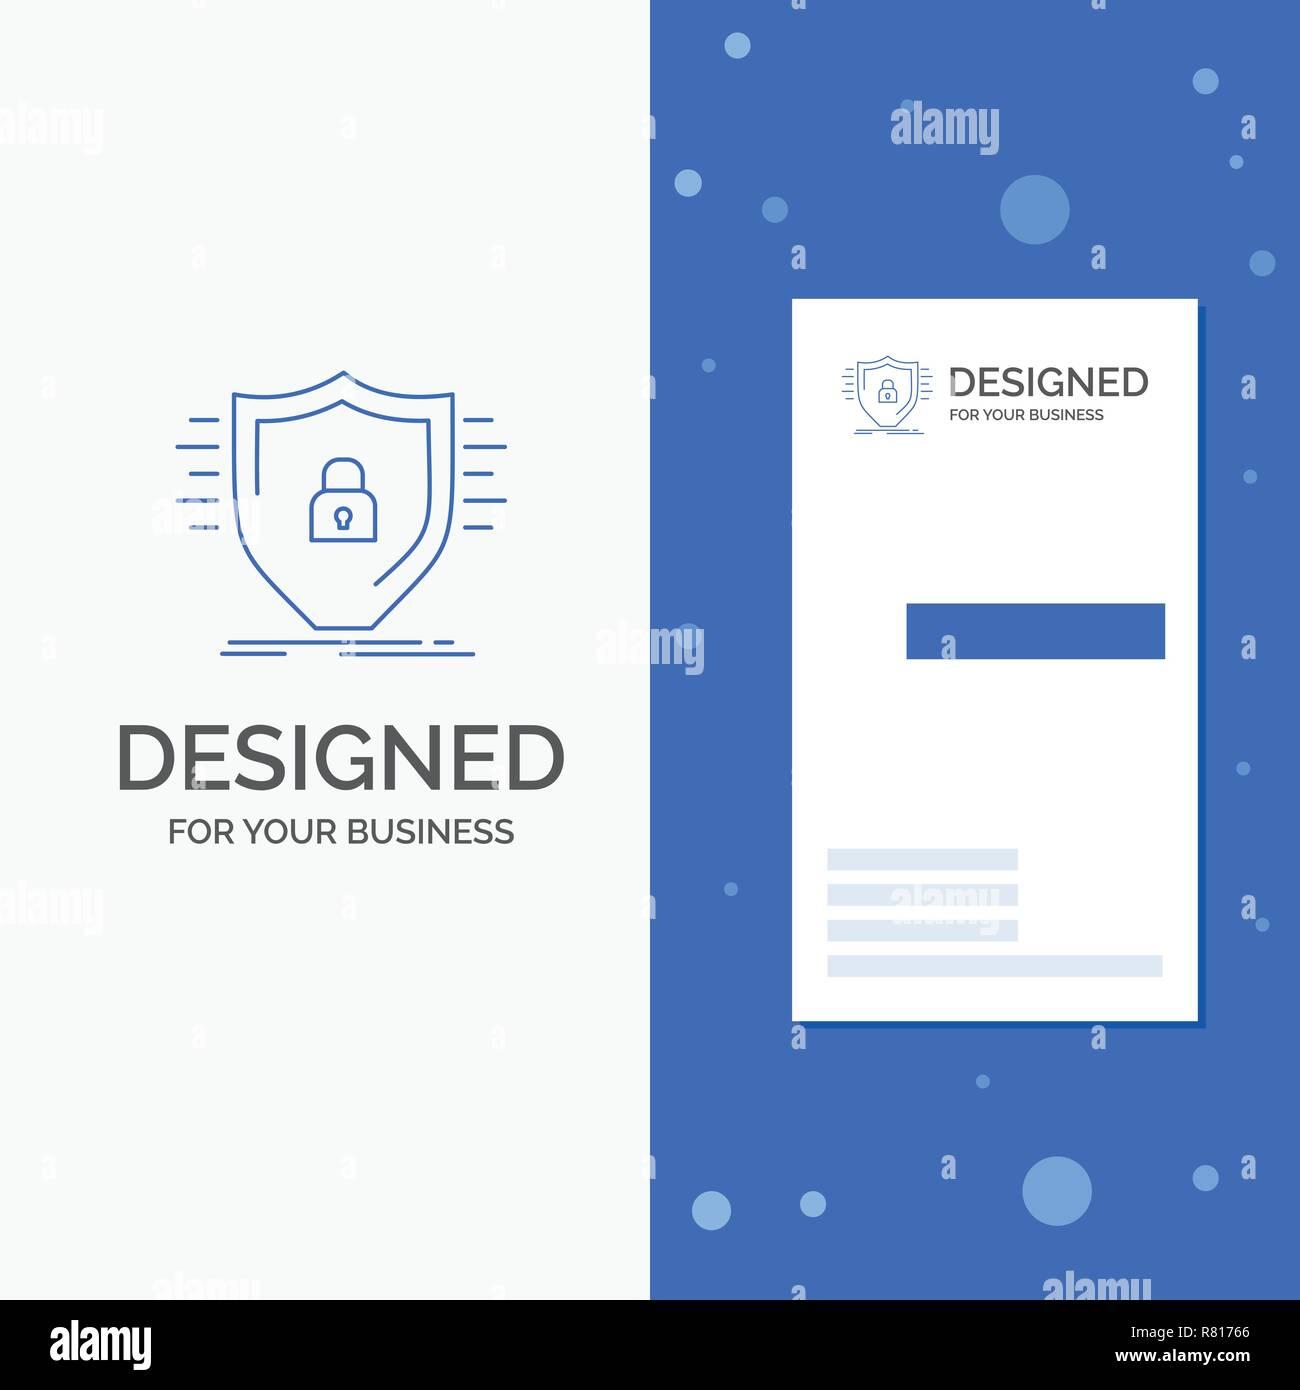 Business Logo für Verteidigung, Firewall, Schutz, Sicherheit, Schild. Vertikale blaue Business/Visitenkarte vorlage Stock Vektor